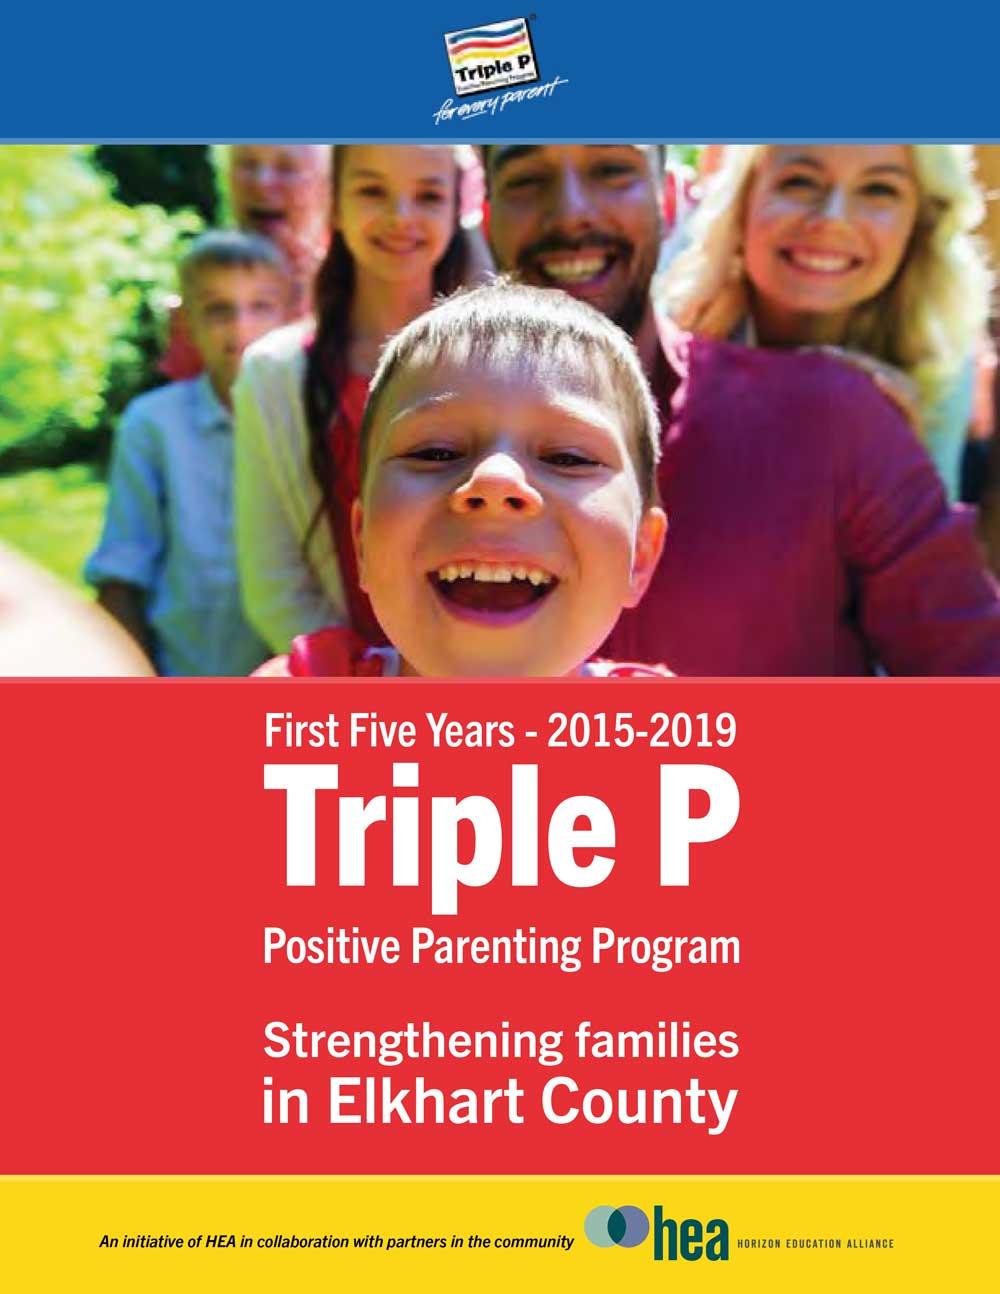 triple p poster